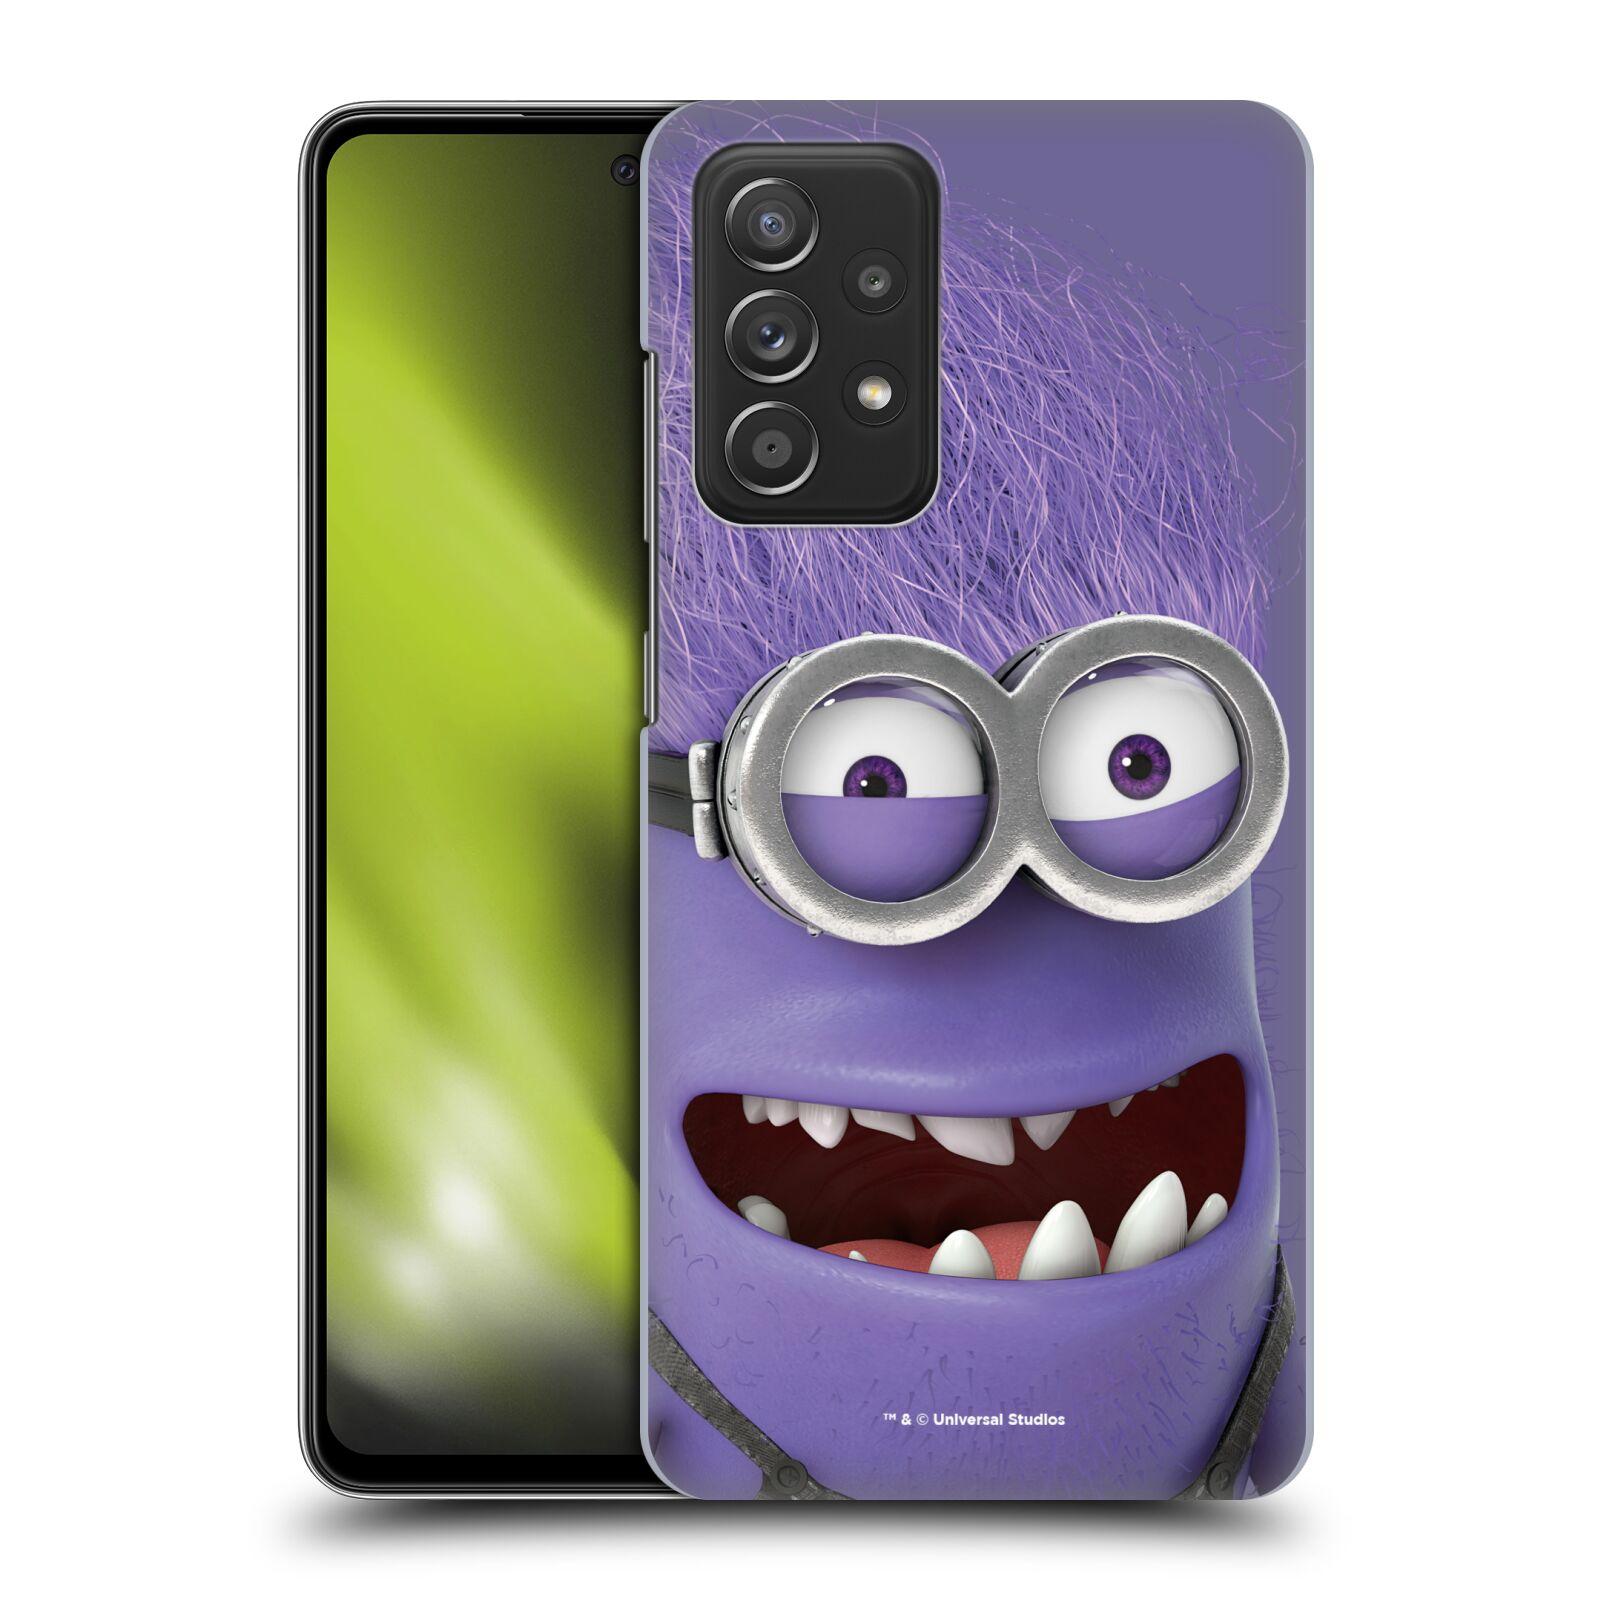 Plastové pouzdro na mobil Samsung Galaxy A52 / A52 5G / A52s 5G - Head Case - Zlý Mimoň z filmu Já, padouch - Despicable Me